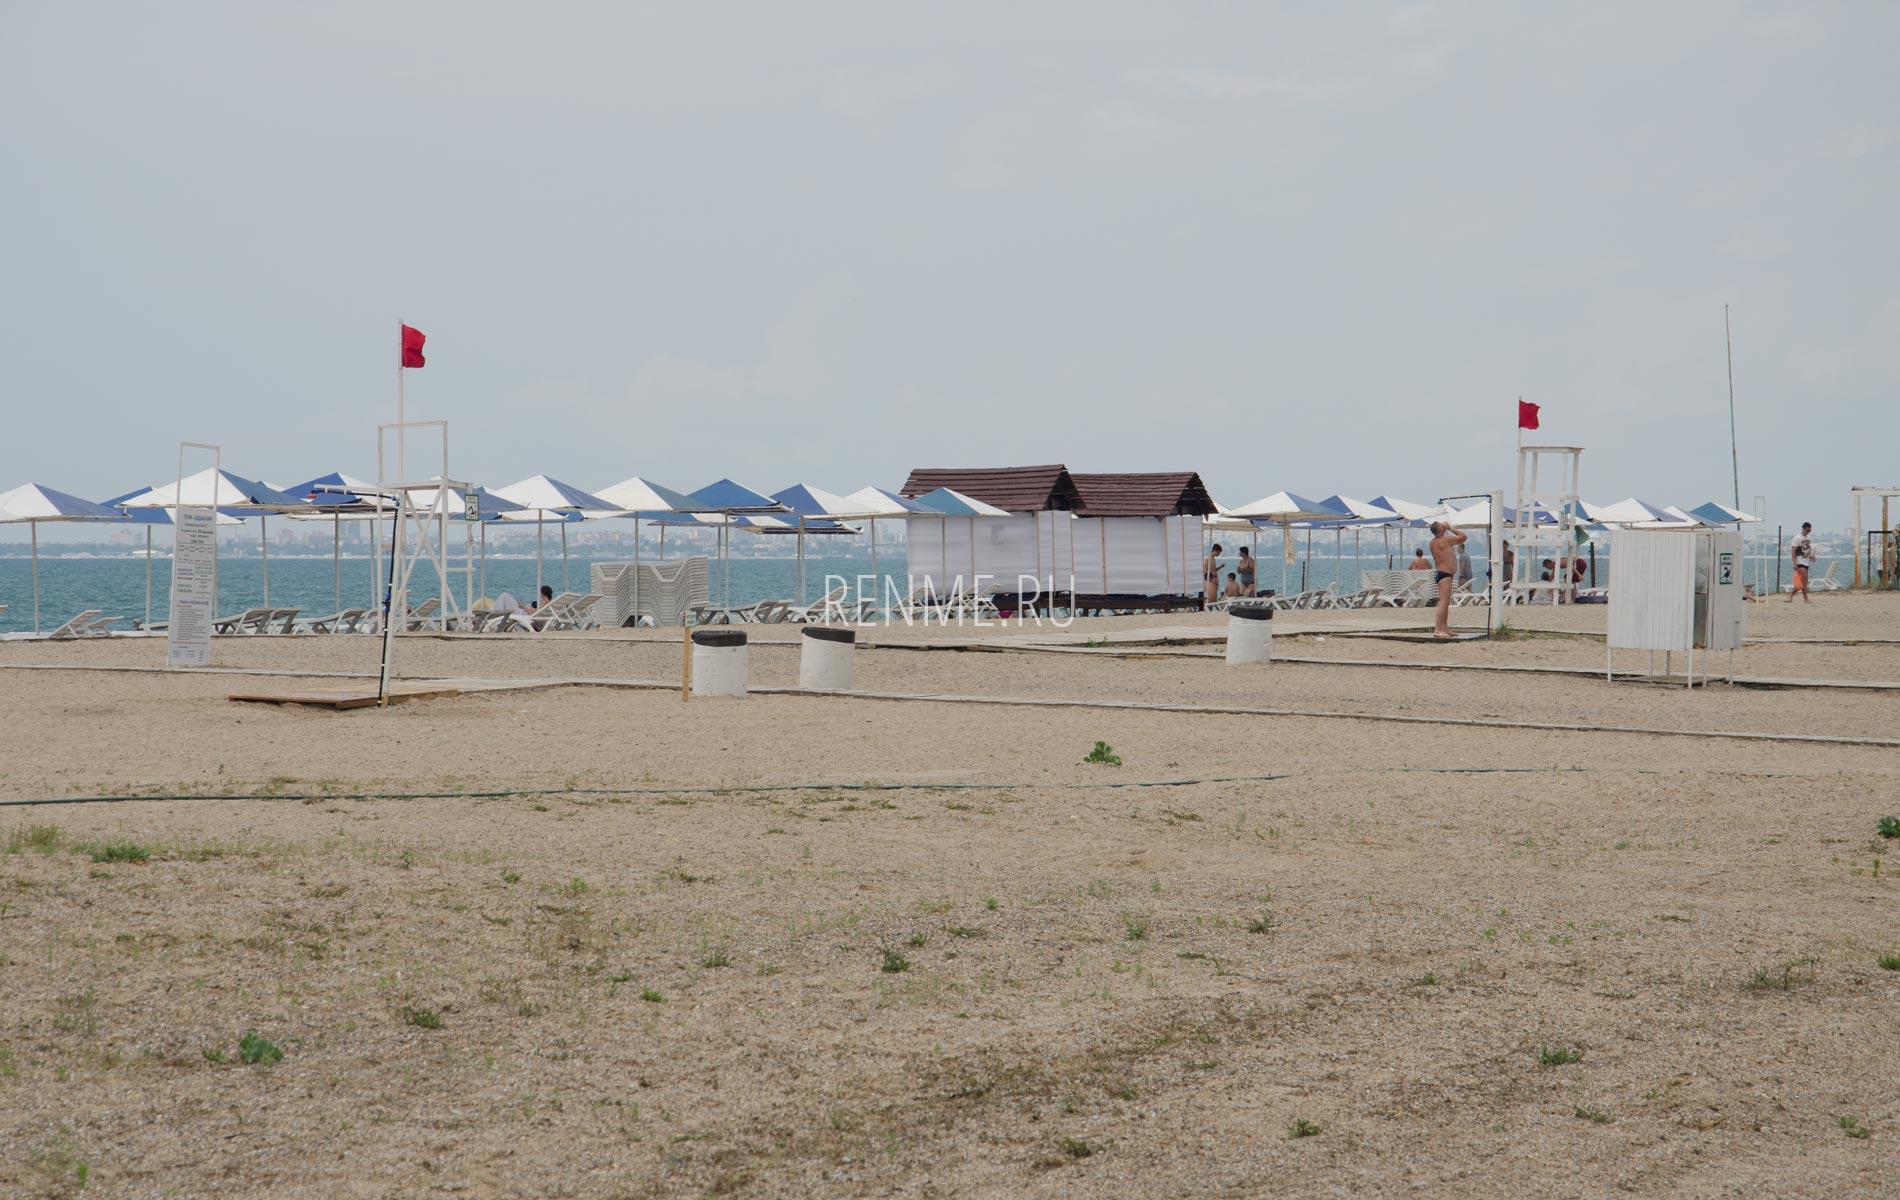 Пляжи Крыма сейчас 2020. Фото Прибрежного